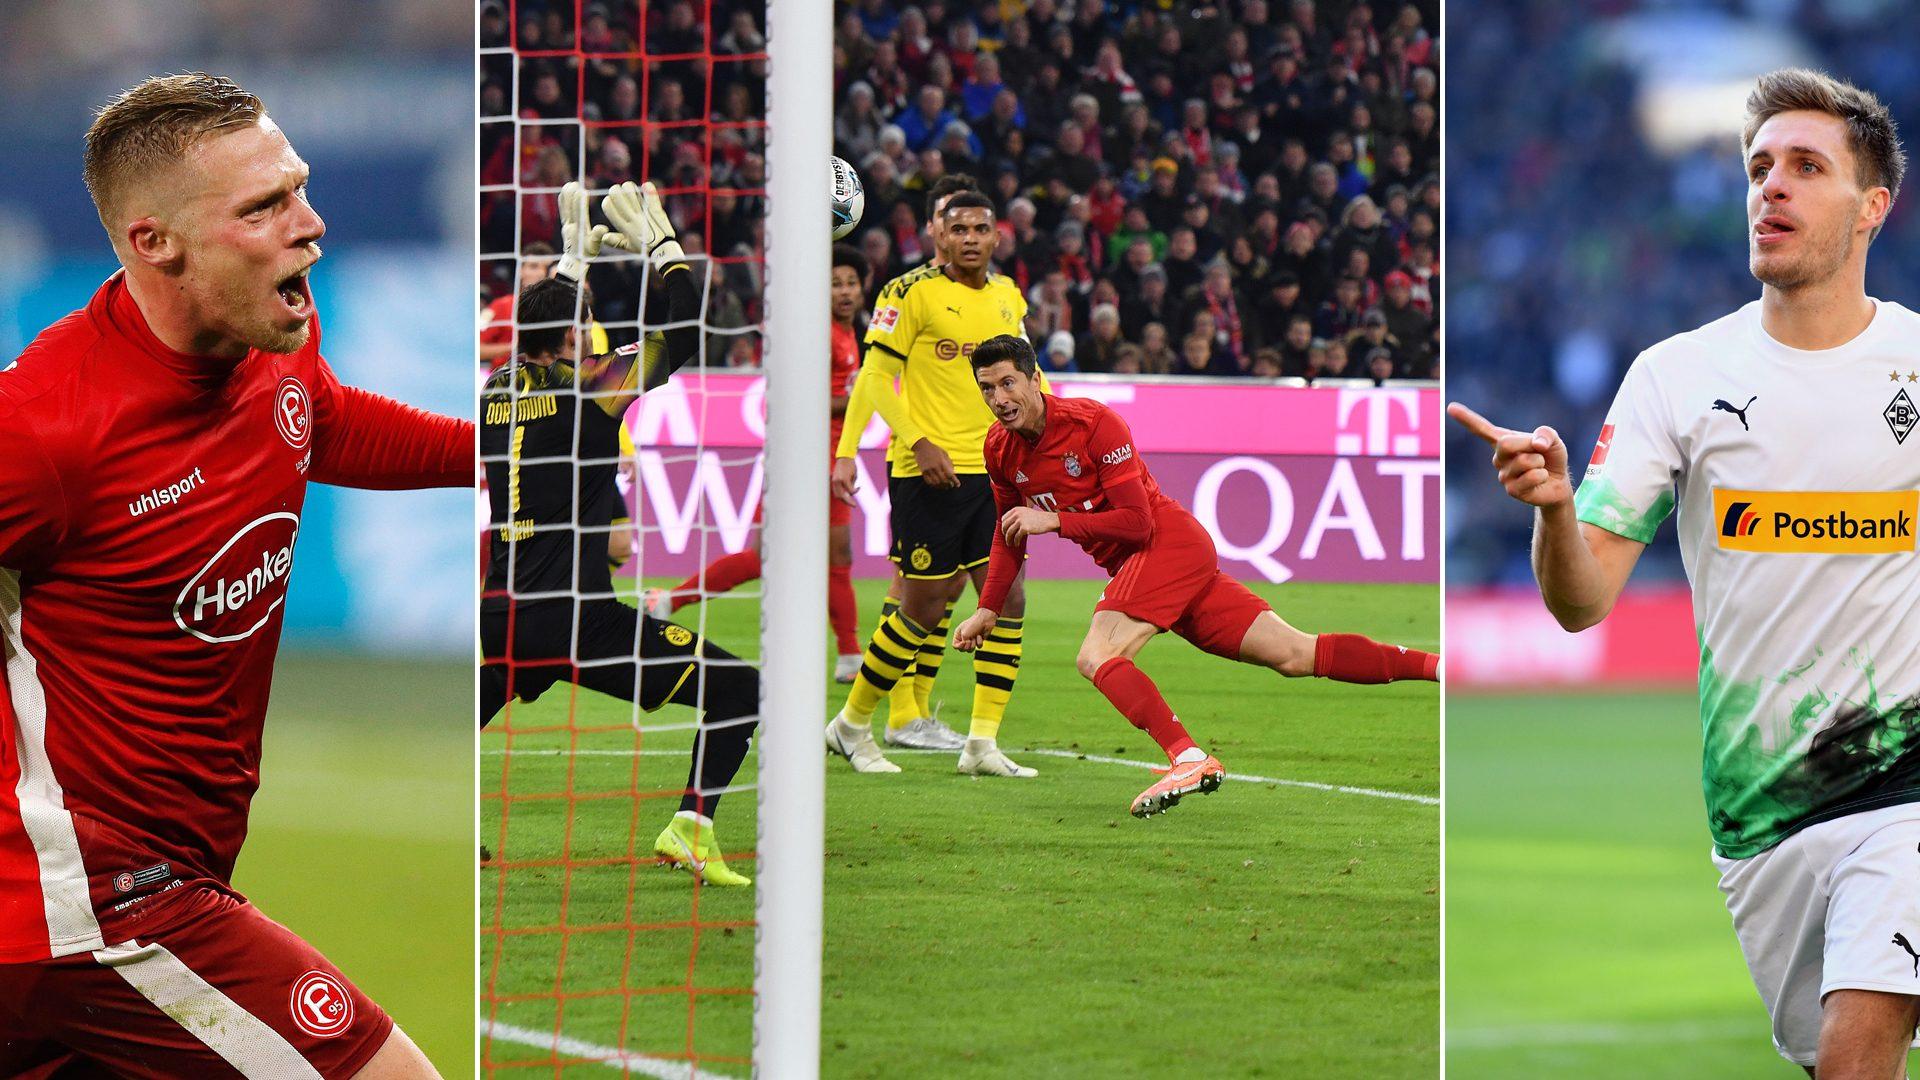 11. Spieltag im Fokus: Darüber spricht die Bundesliga